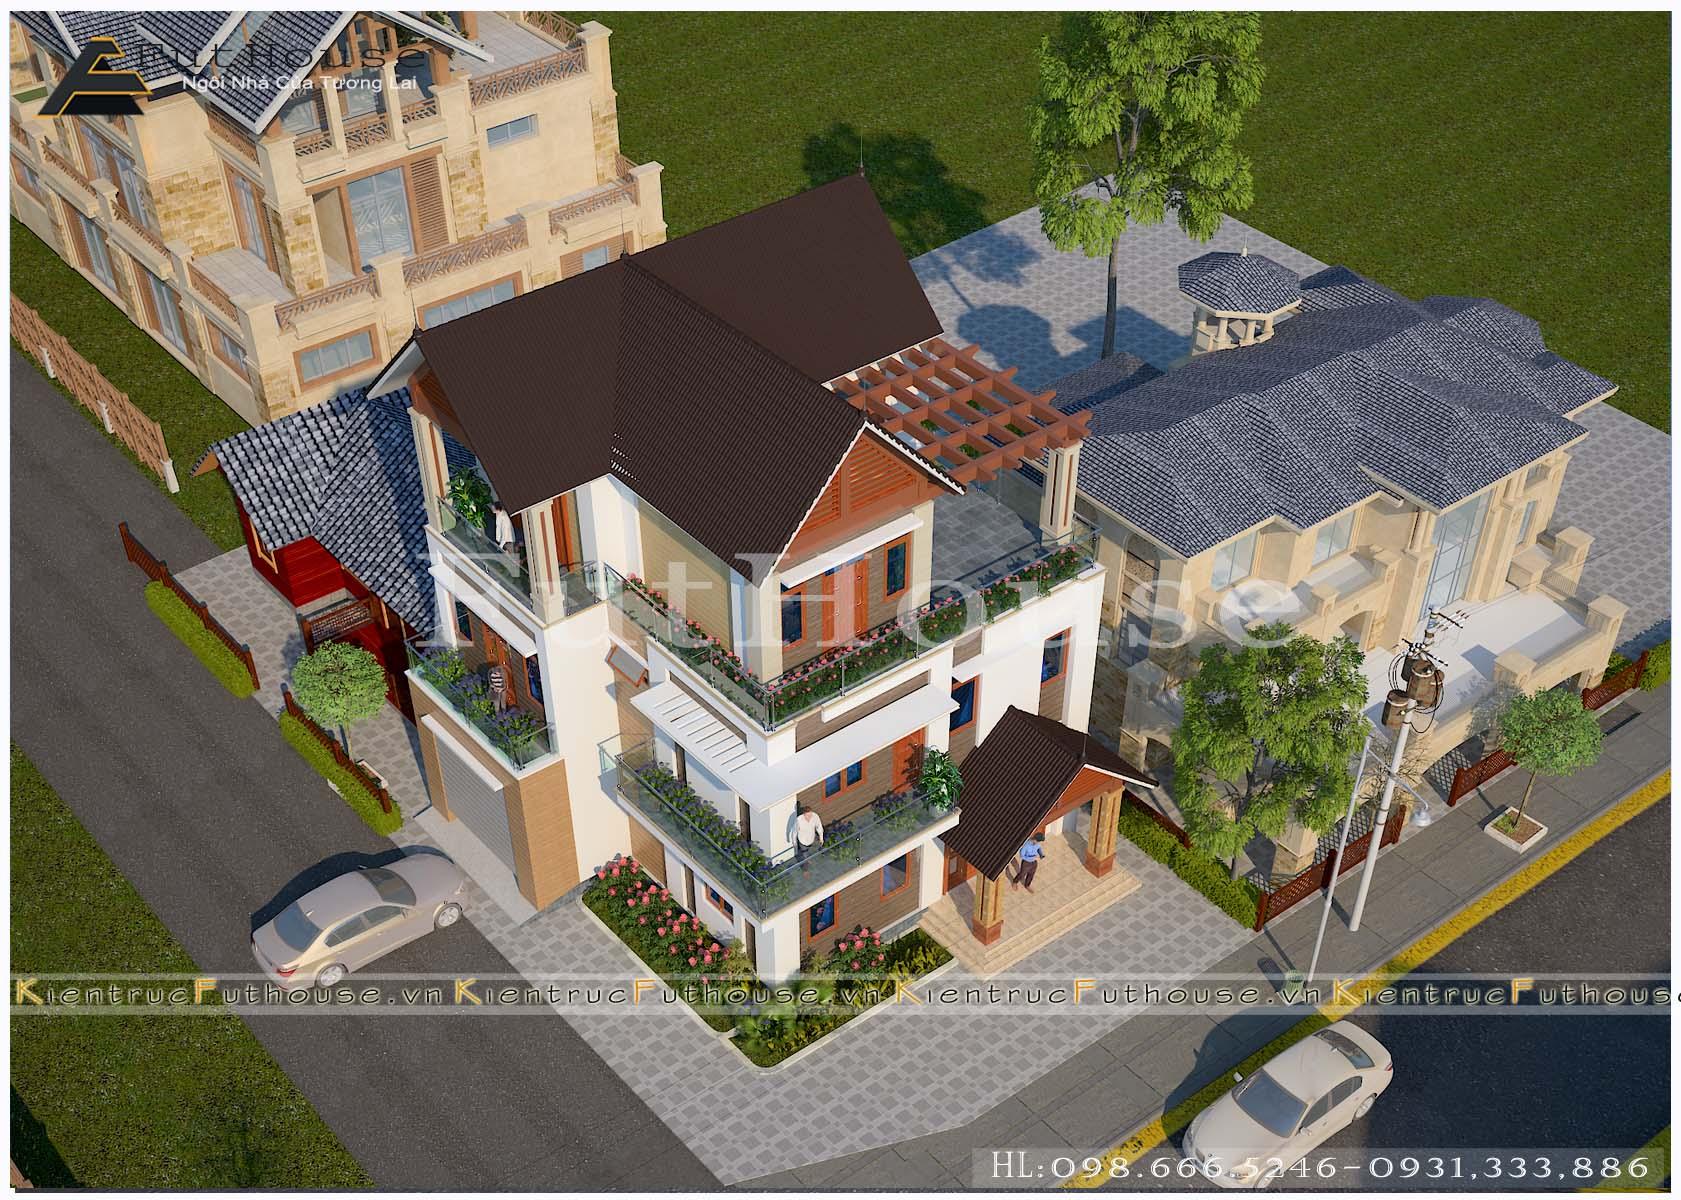 Mô phỏng về biệt thự 3 tầng hiện đại Vĩnh Phúc